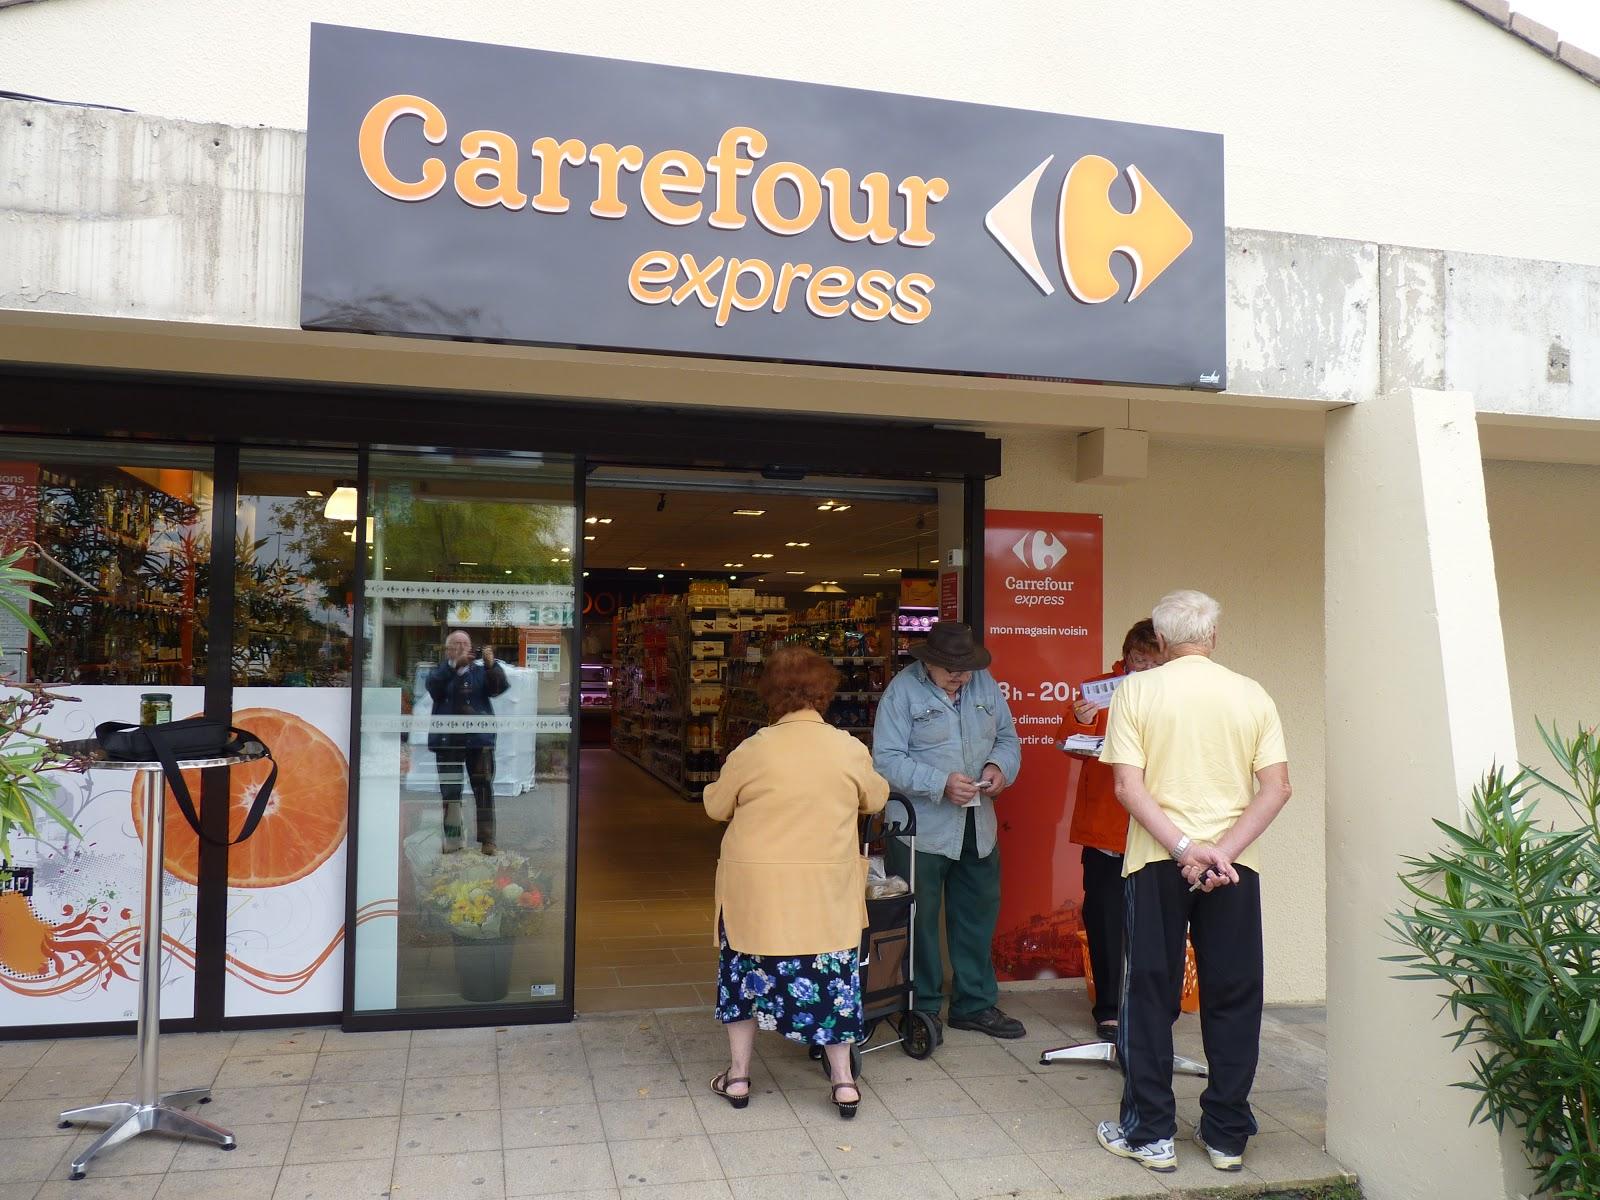 Au coeur de st marcel carrefour express a ouvert ses - Carrefour porte de montreuil horaires ...